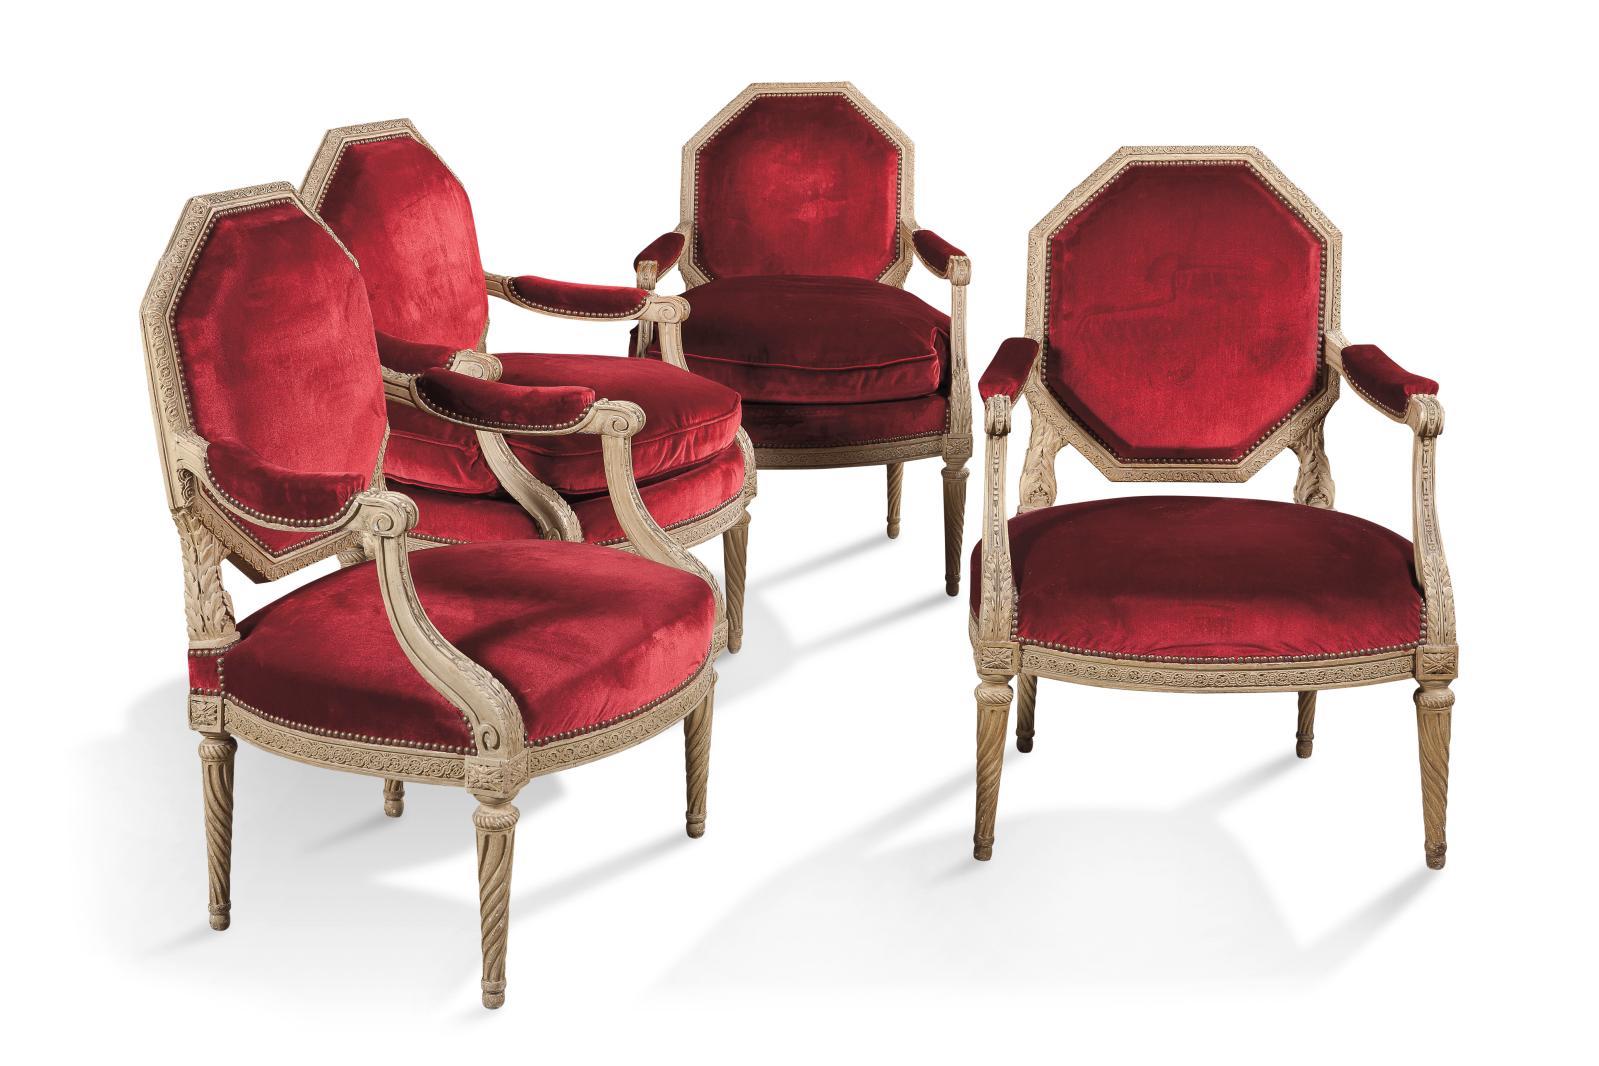 Époque LouisXVI, vers 1780, estampillés S.Brizard. Suite de quatre fauteuils en hêtre, mouluré et sculpté d'entrelacs et de feuillages, garnis de ve